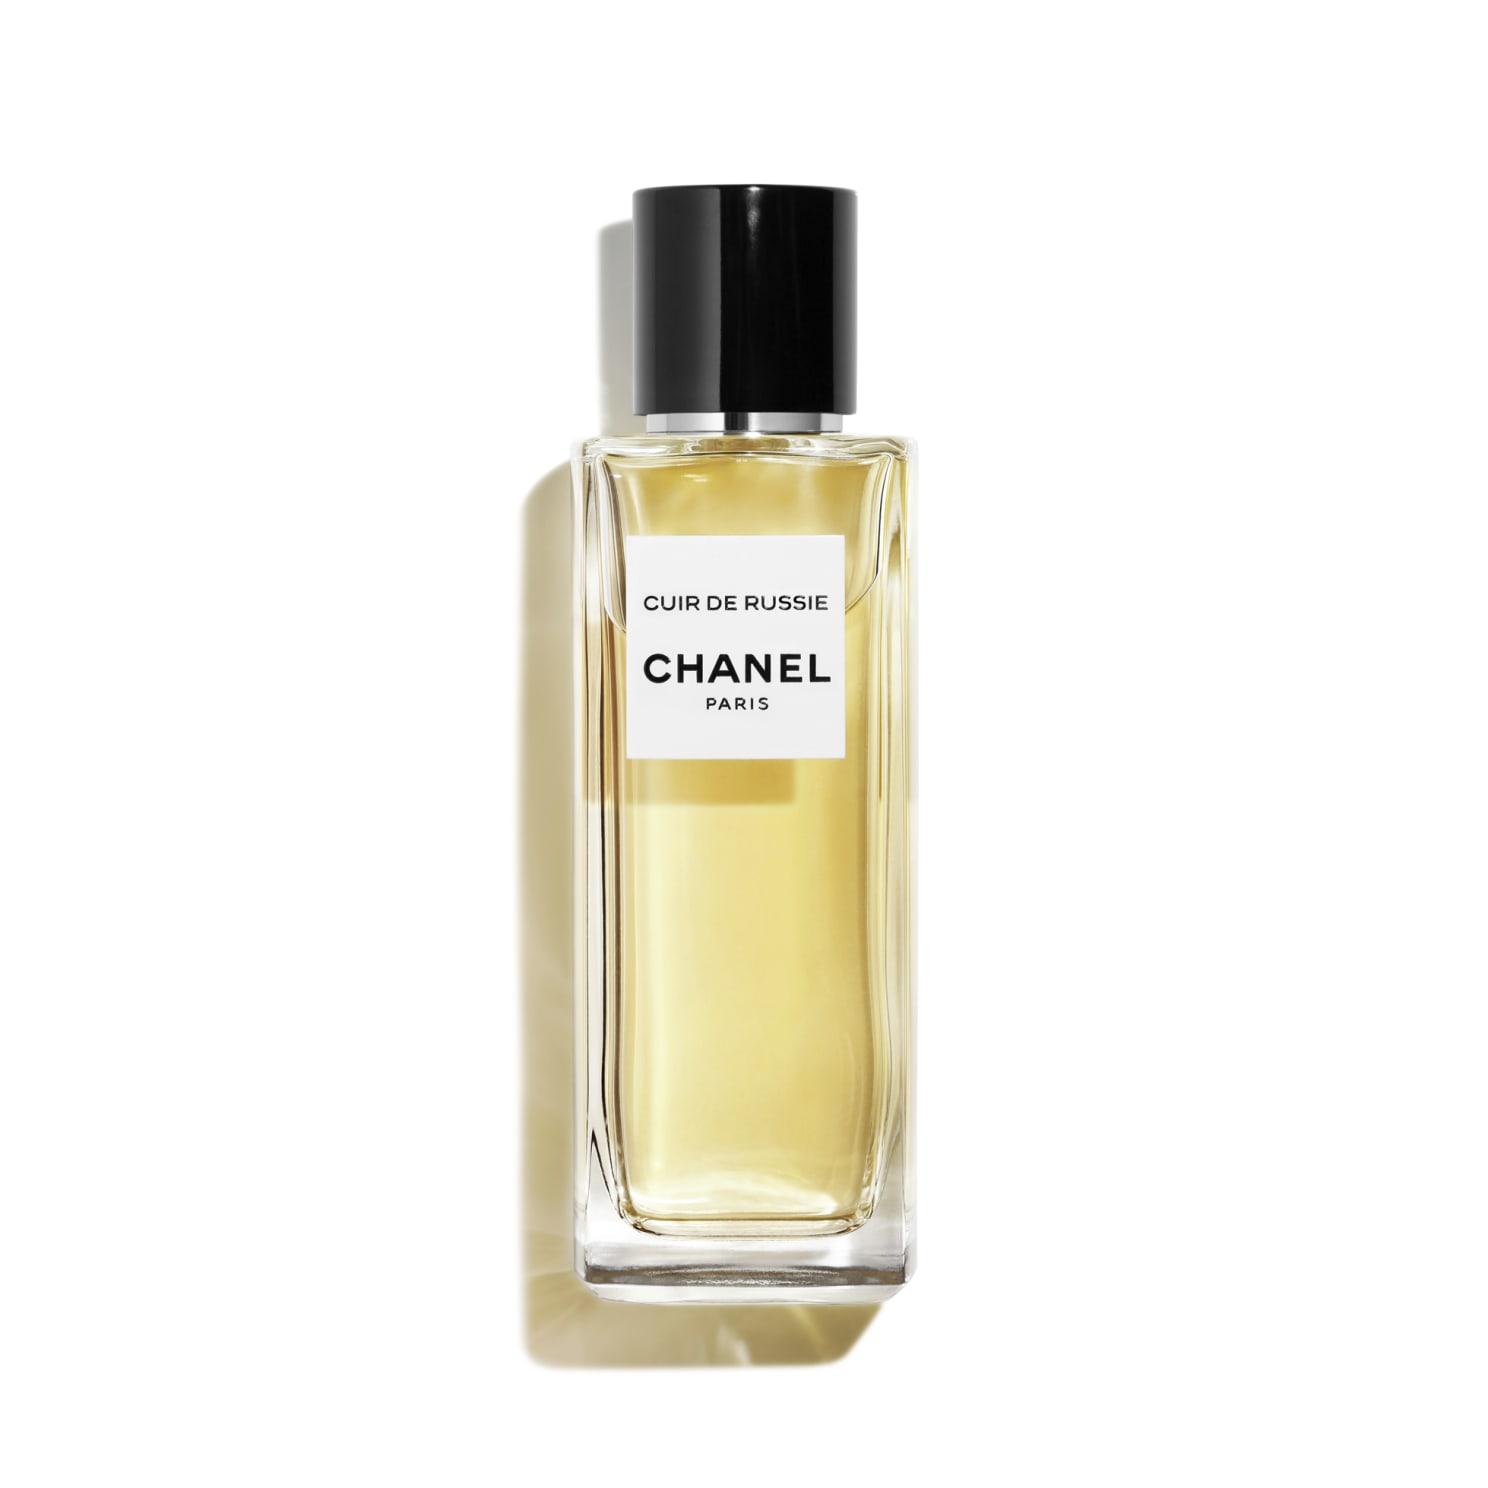 cuir de russie eau de parfum chanel perfume a new fragrance for women 2016. Black Bedroom Furniture Sets. Home Design Ideas